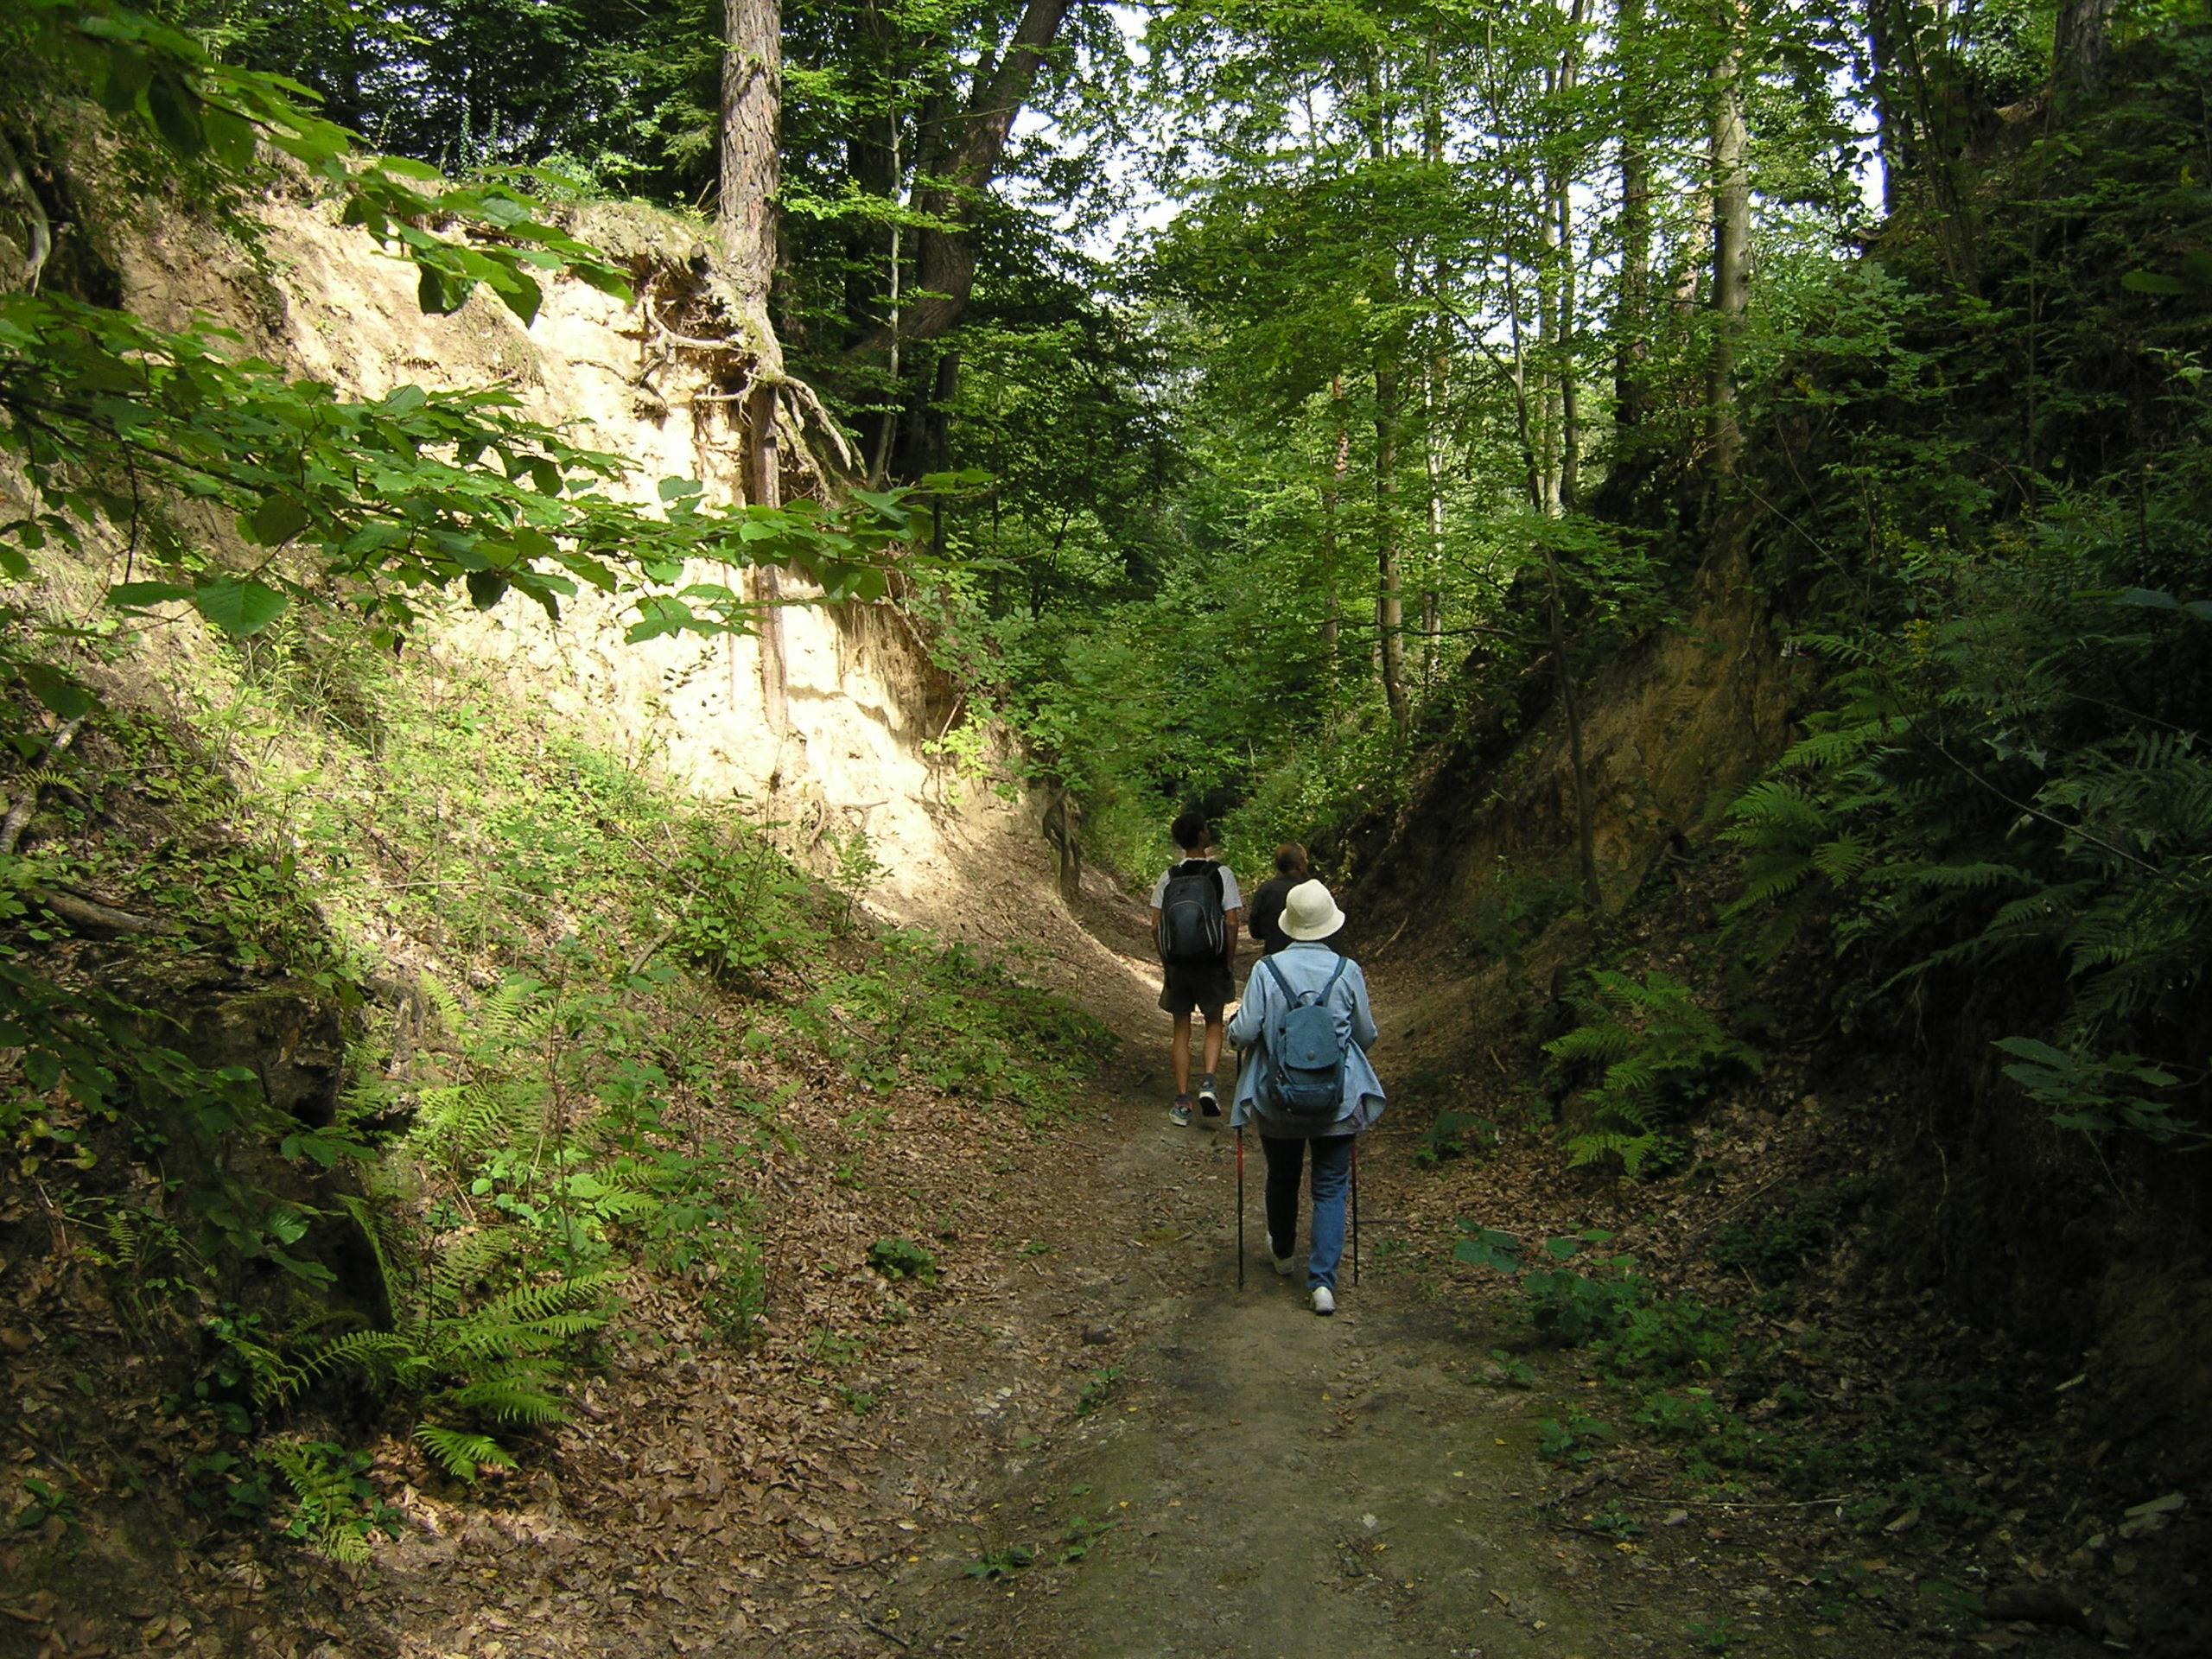 Wędrówka szlakiem w lesie